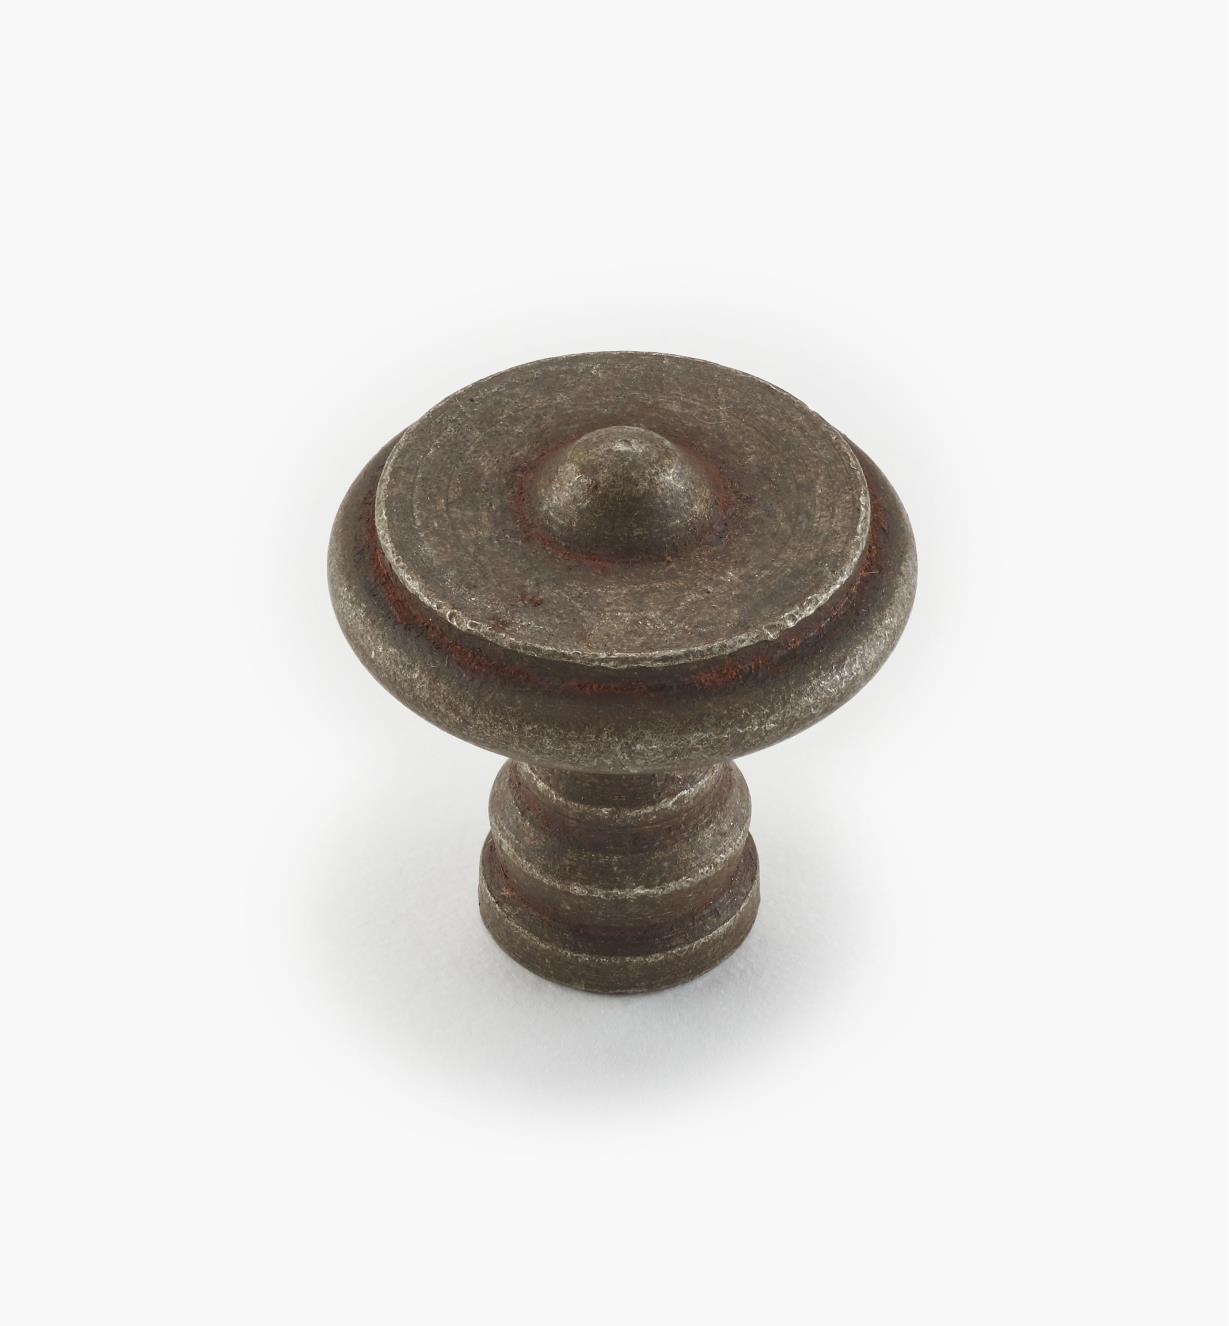 01A6054 - 34mm × 34mm Knob